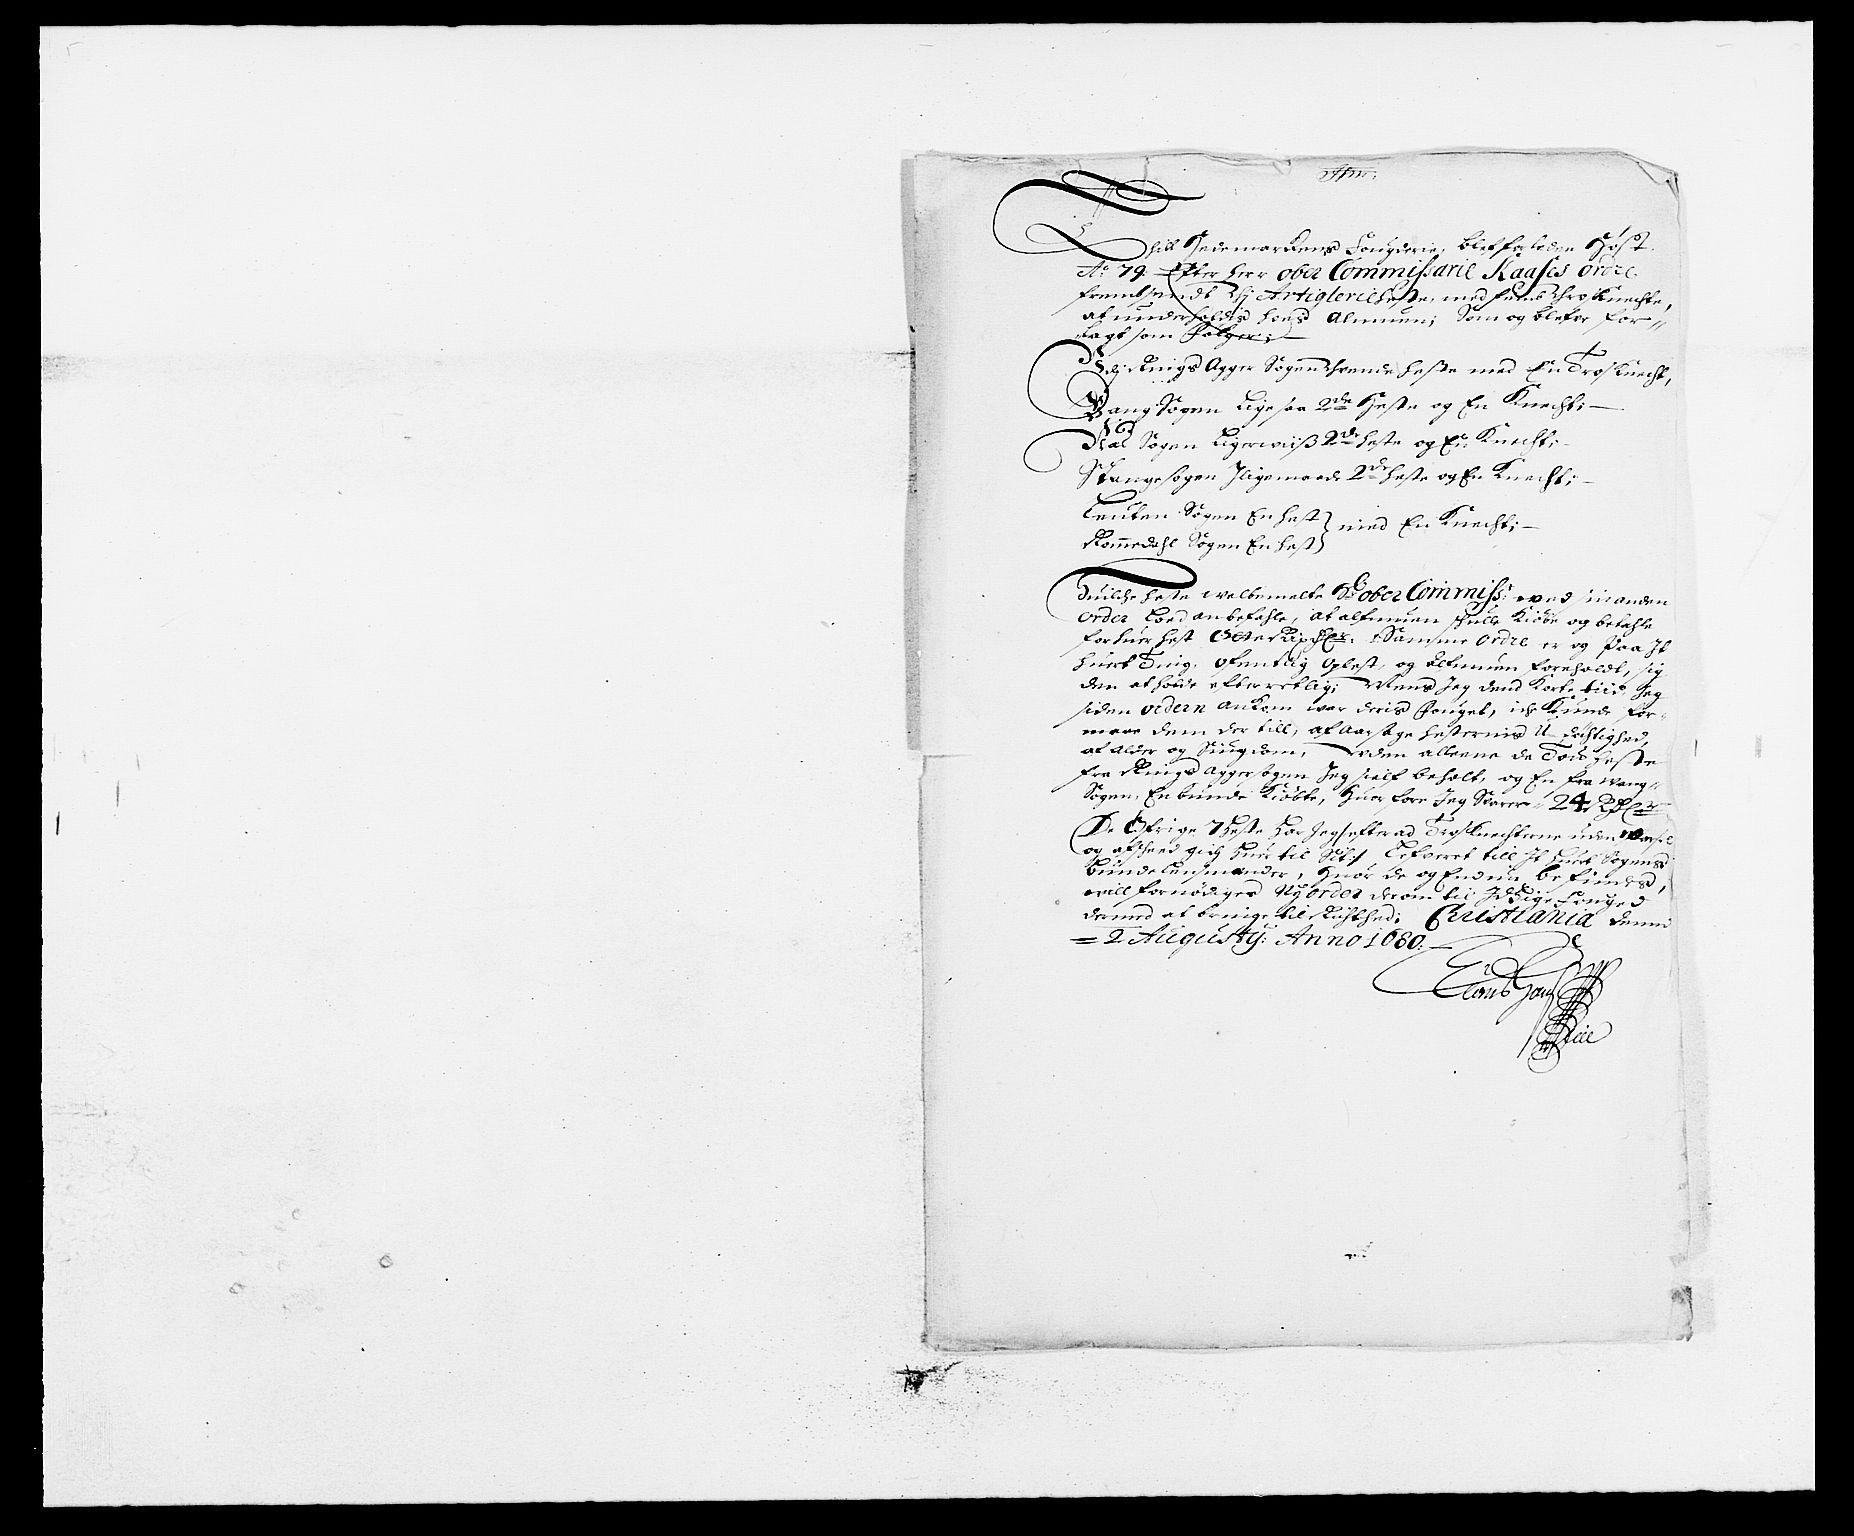 RA, Rentekammeret inntil 1814, Reviderte regnskaper, Fogderegnskap, R16/L1018: Fogderegnskap Hedmark, 1678-1679, s. 305